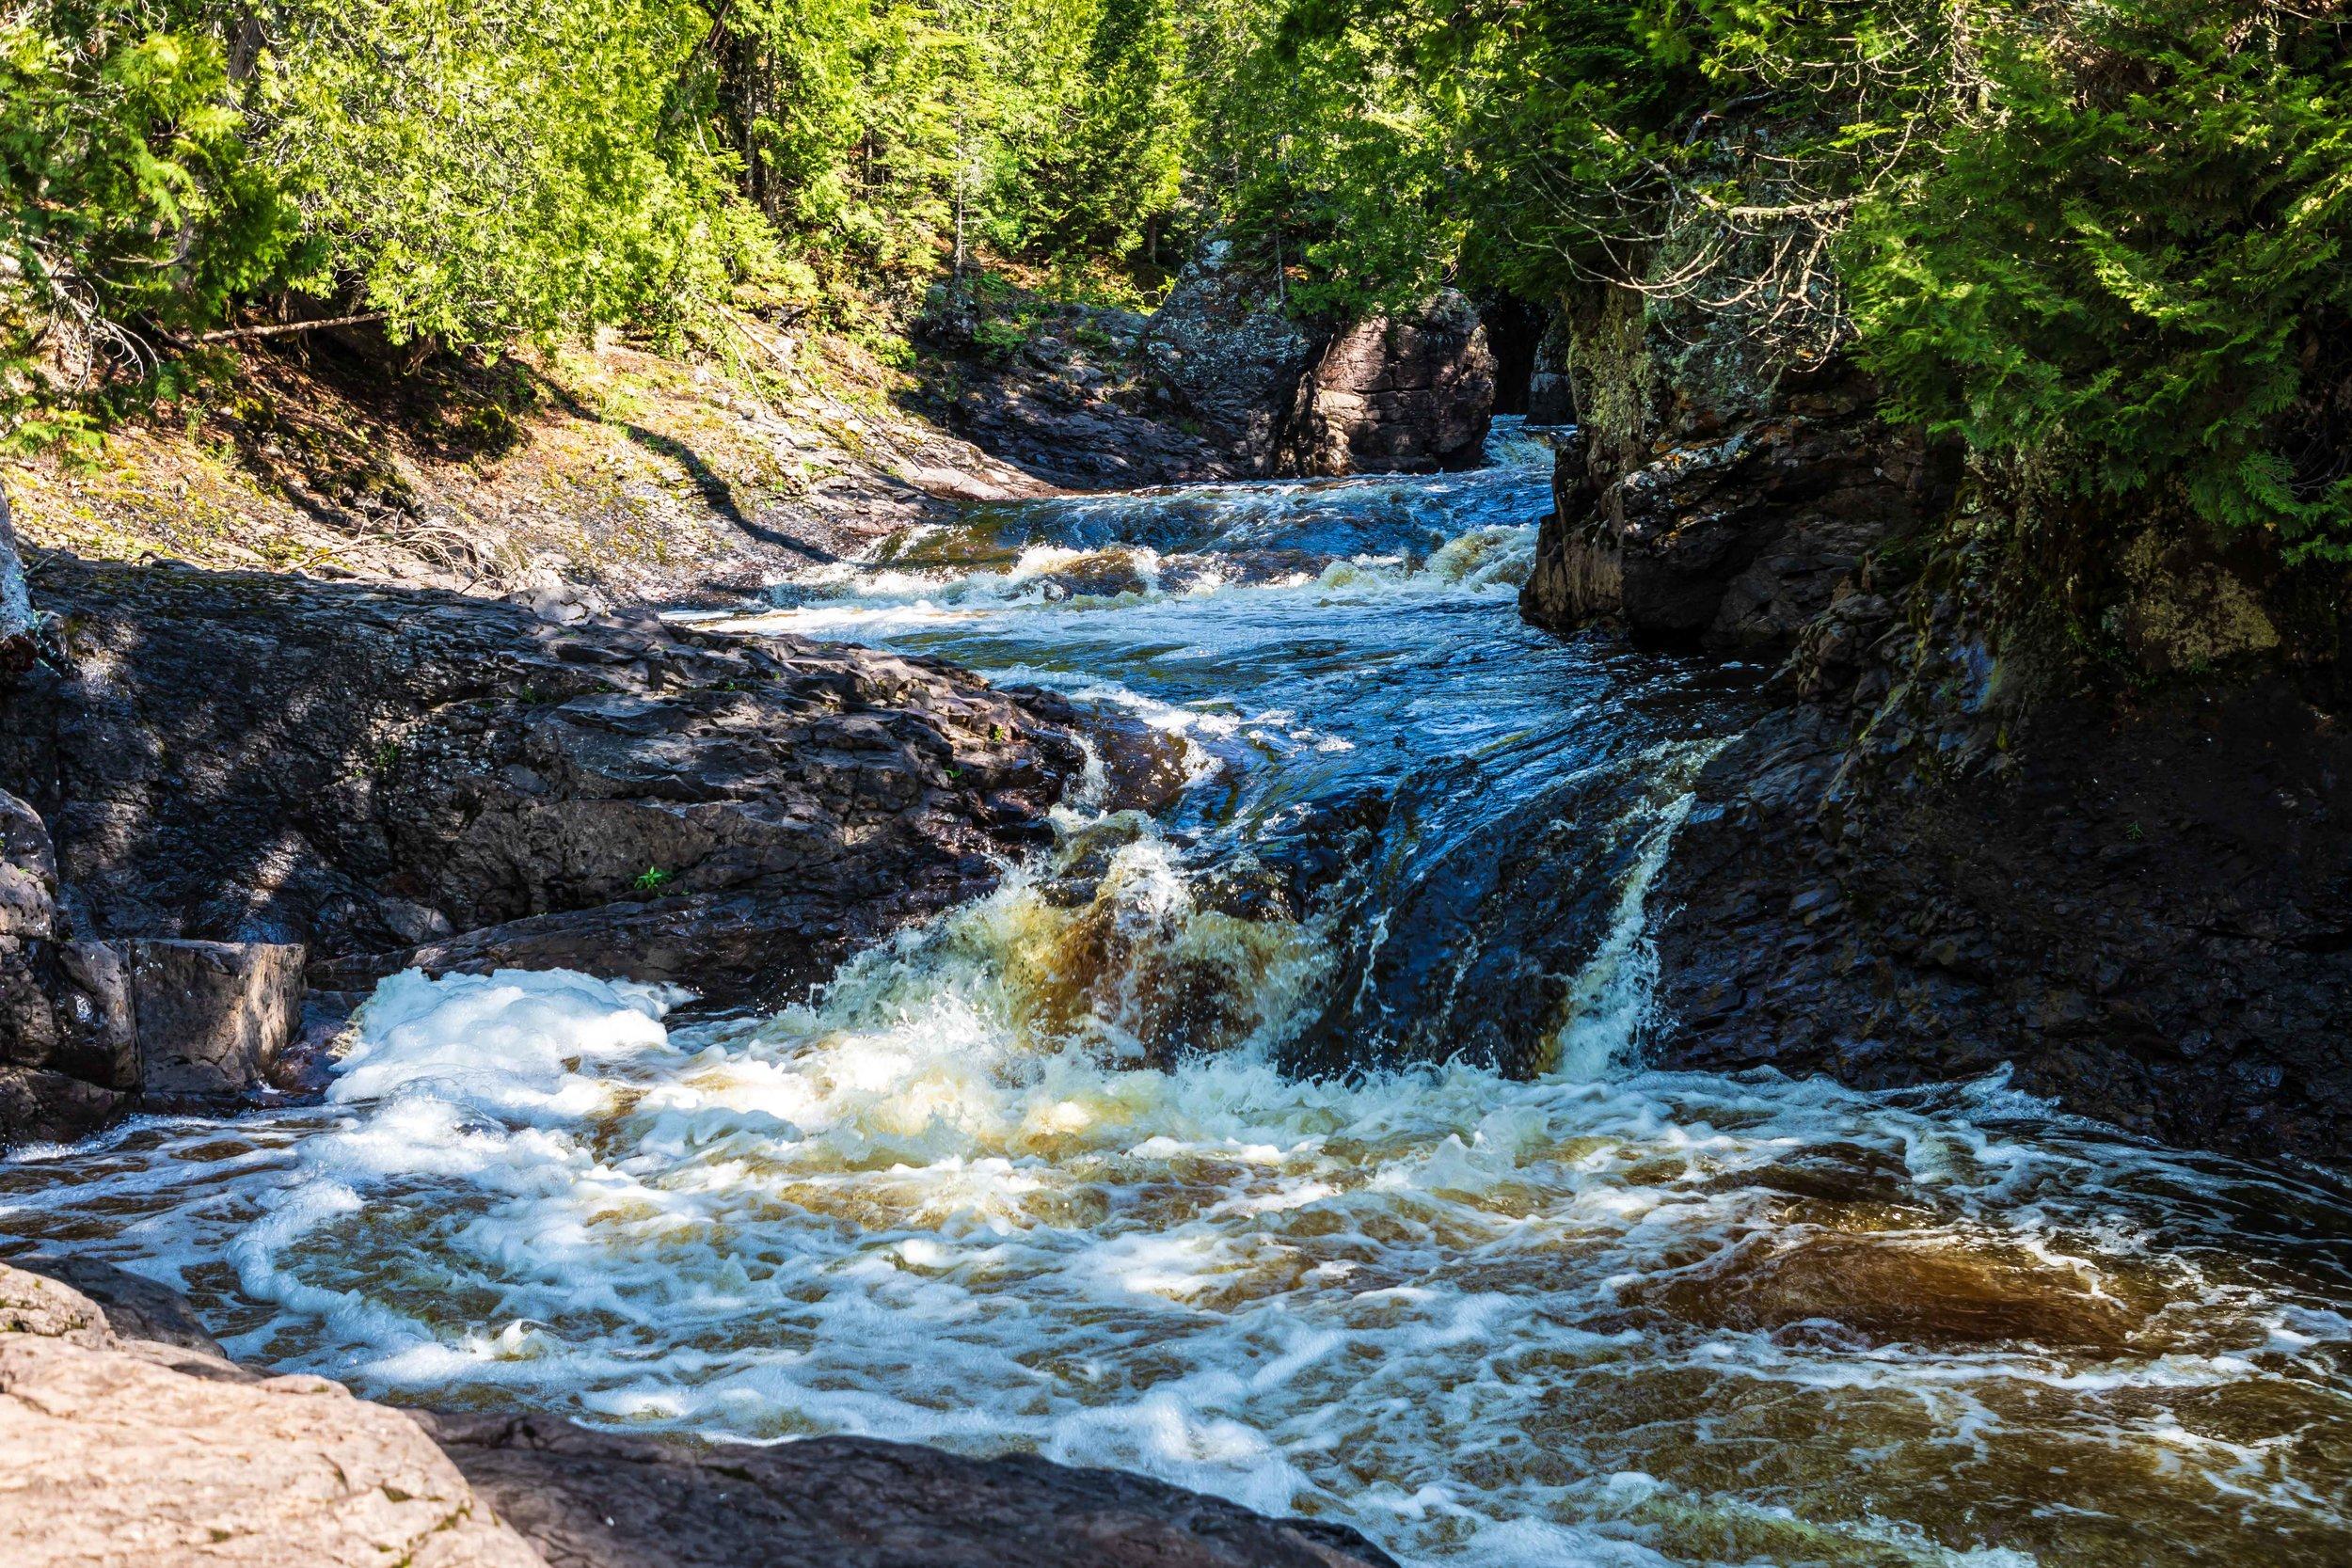 Minnesota North Shore: Waterfall 2